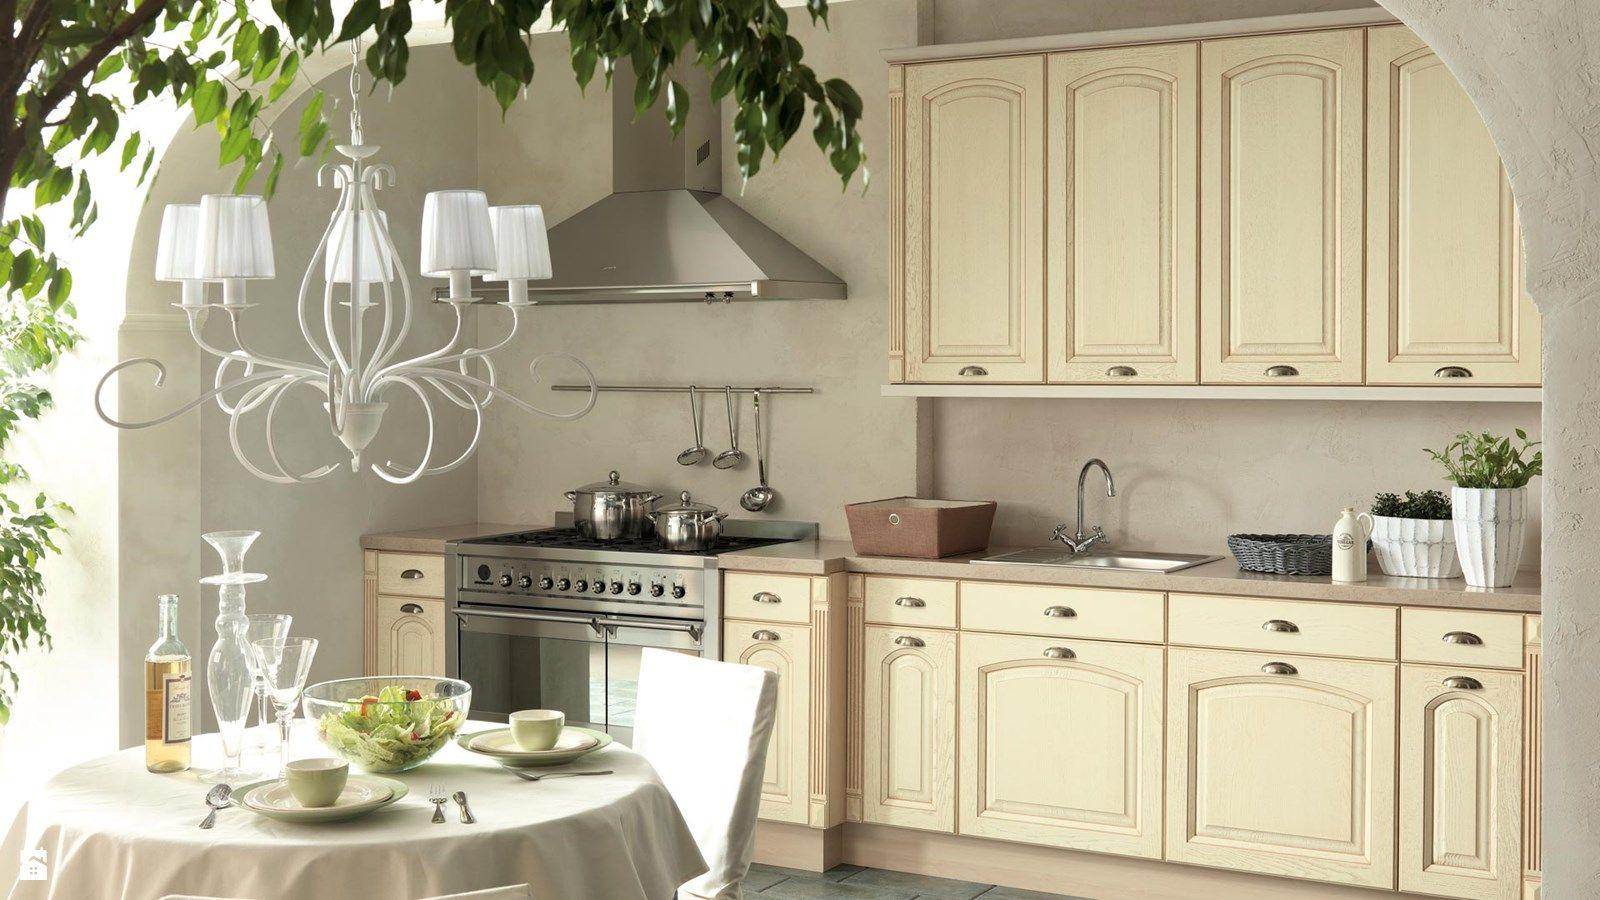 Wystroj Wnetrz Kuchnia Styl Prowansalski Projekty I Aranzacje Najlepszych Designerow Prawdziwe Inspiracje Dla Kazdego Kitchen Cabinets Kitchen Home Decor